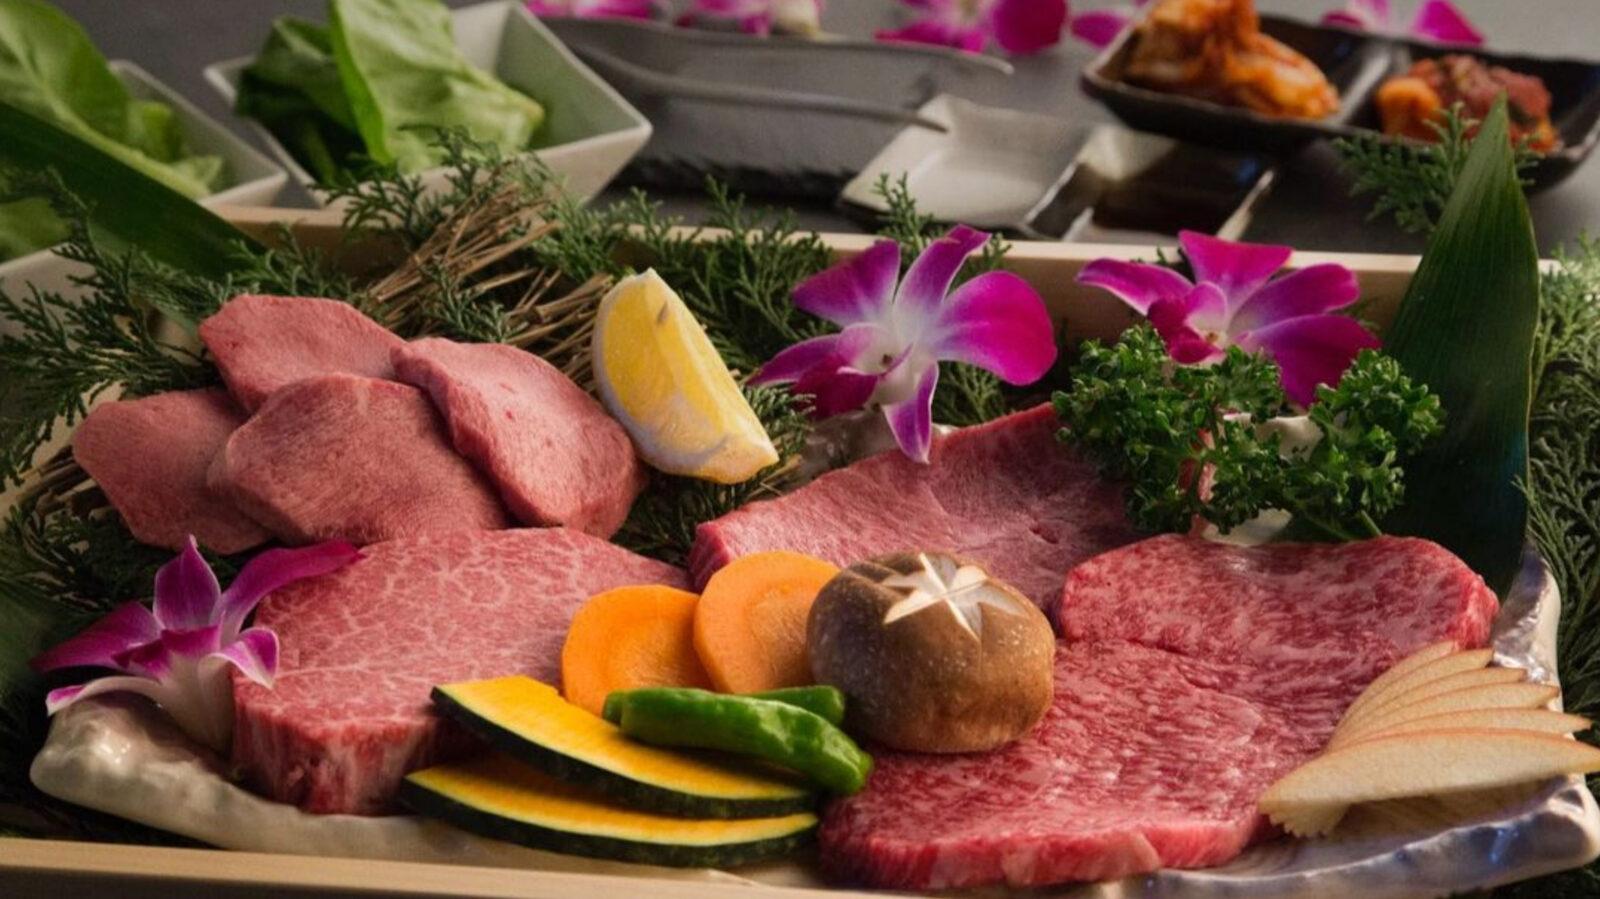 【昭島市】ゆったりお洒落な雰囲気の店内で、厳選黒毛和牛と絶品手作りサイドメニューを堪能